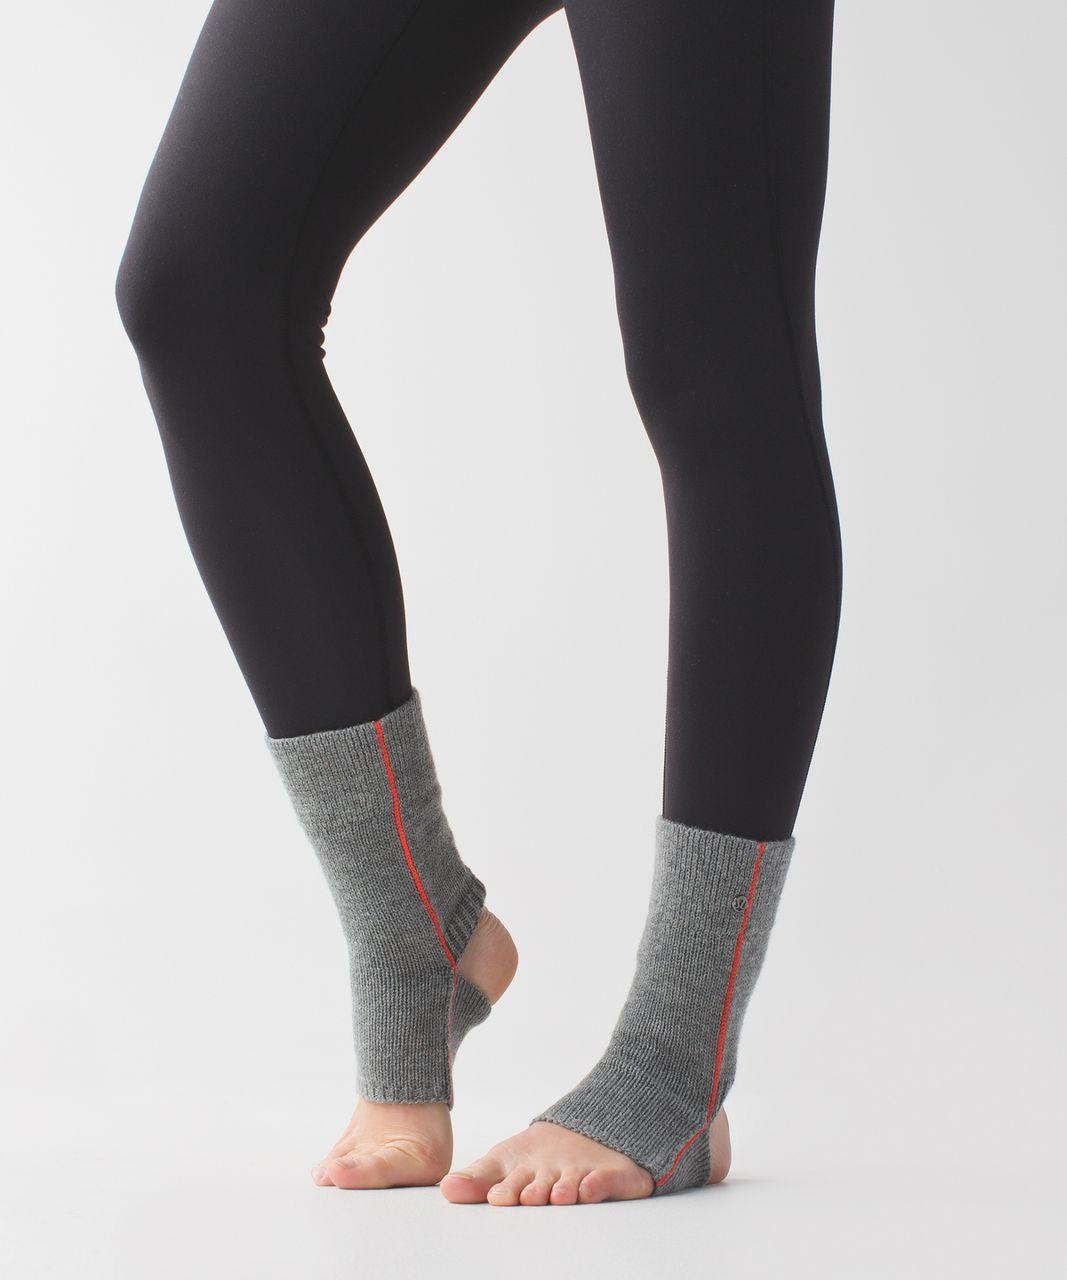 Lululemon Endless Summer Ankle Warmers - Heathered Slate / Alarming